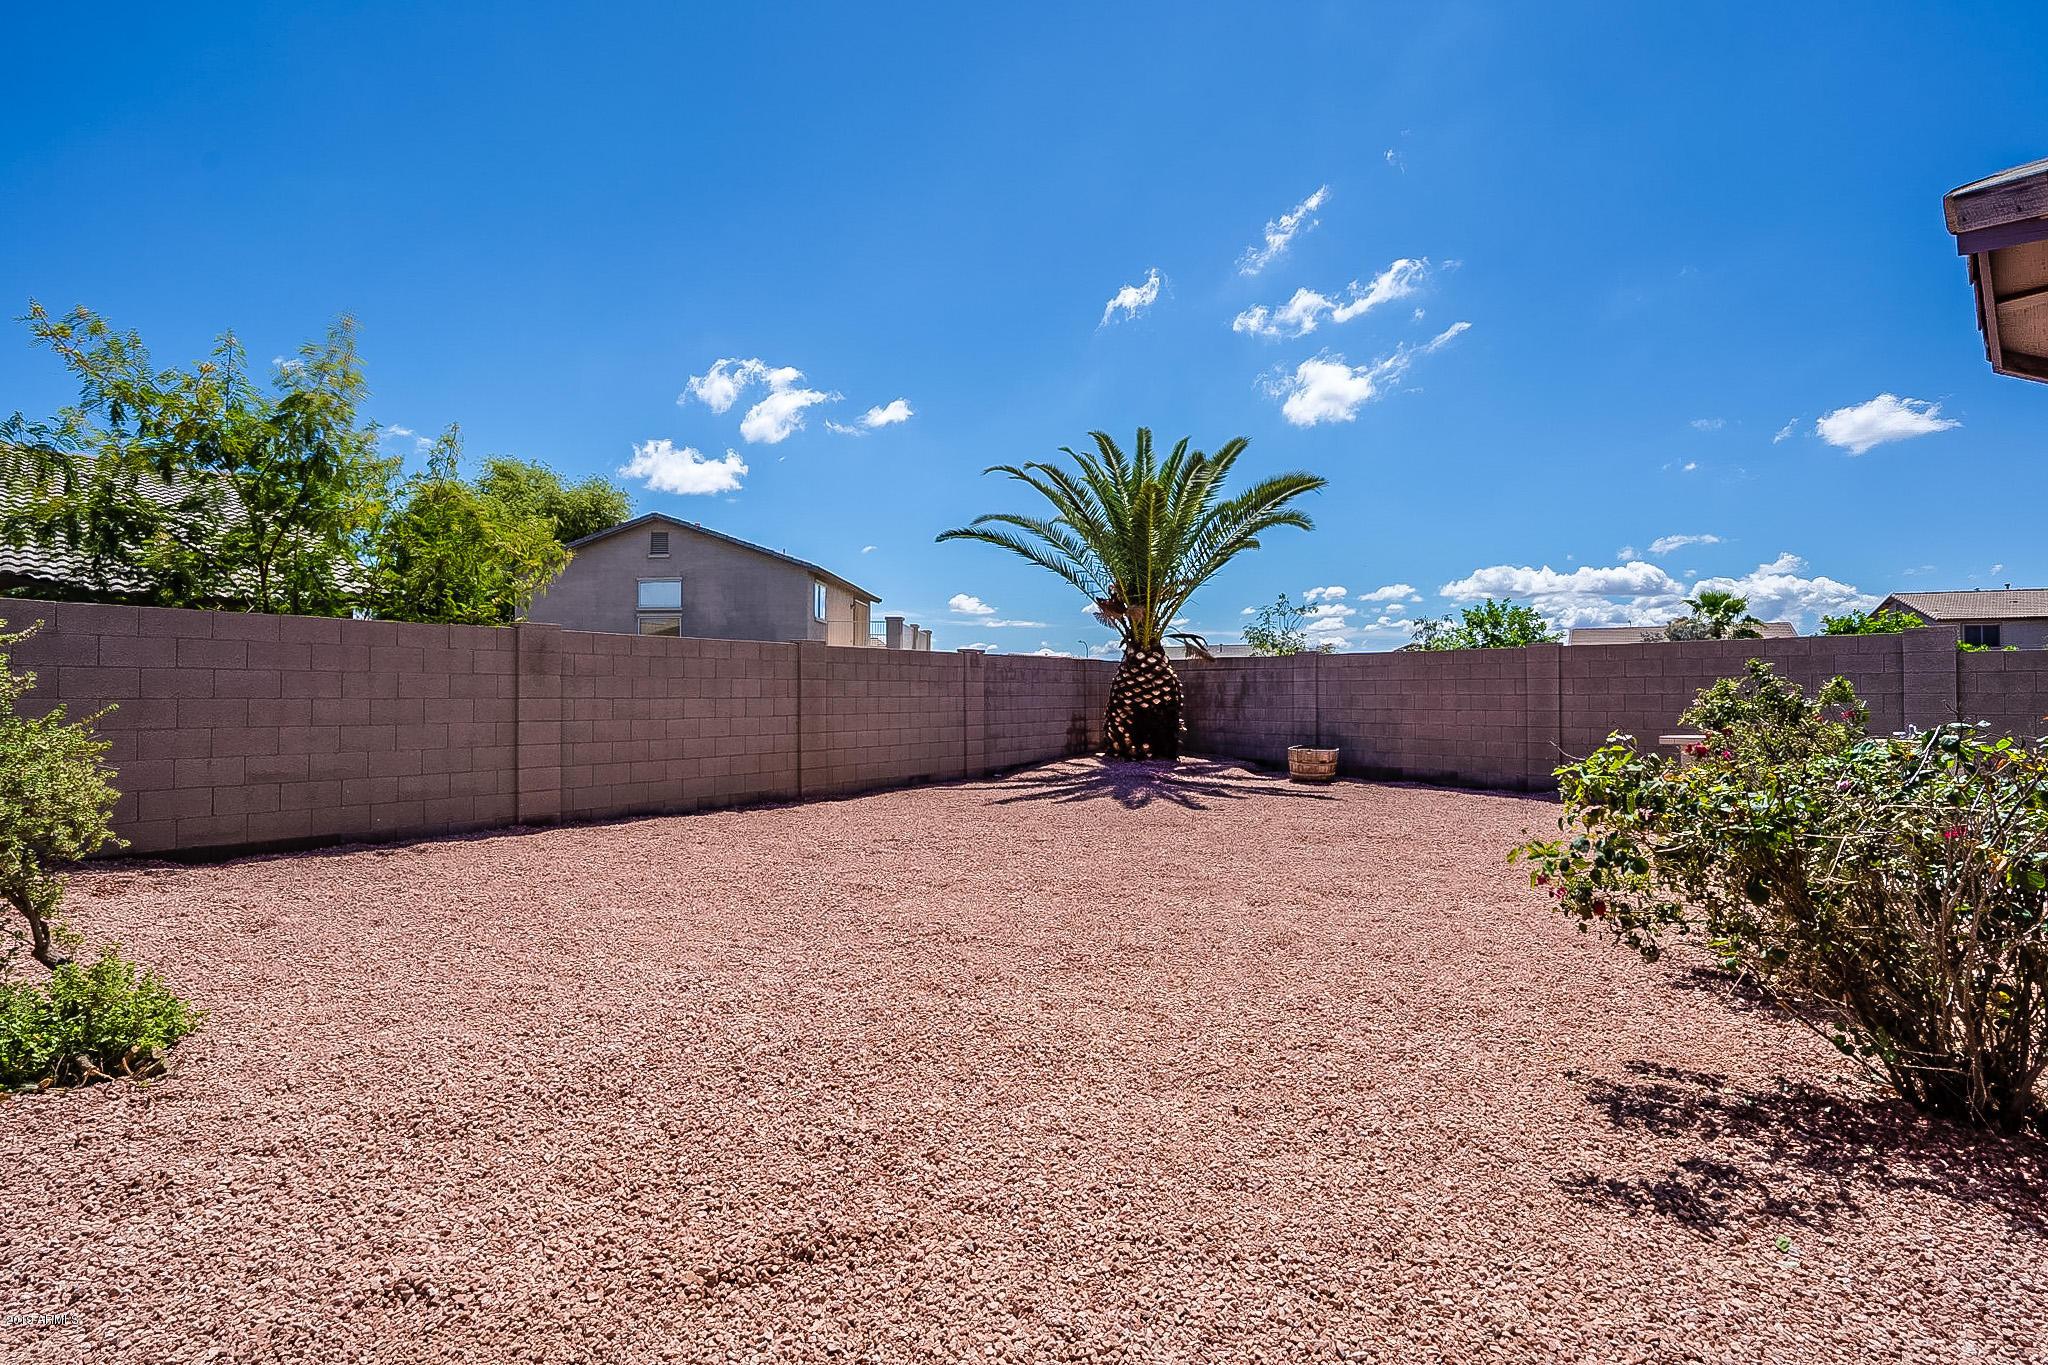 MLS 5913145 9 N 125TH Avenue, Avondale, AZ 85323 Avondale AZ Coldwater Springs